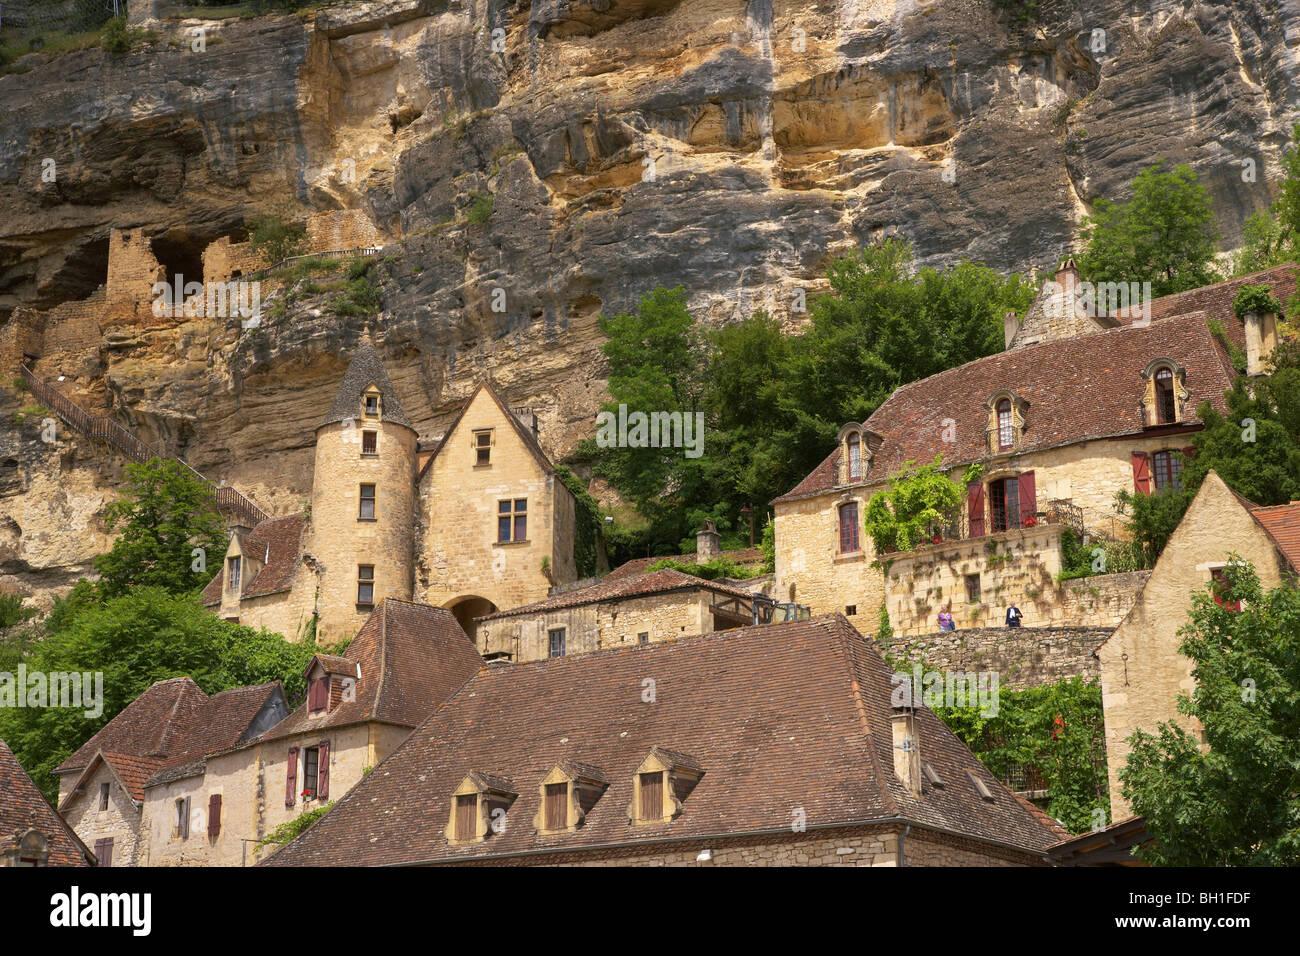 La Roque-Gagéac along the Dordogne river, The Way of St. James, Roads to Santiago, Chemins de Saint-Jacques, - Stock Image